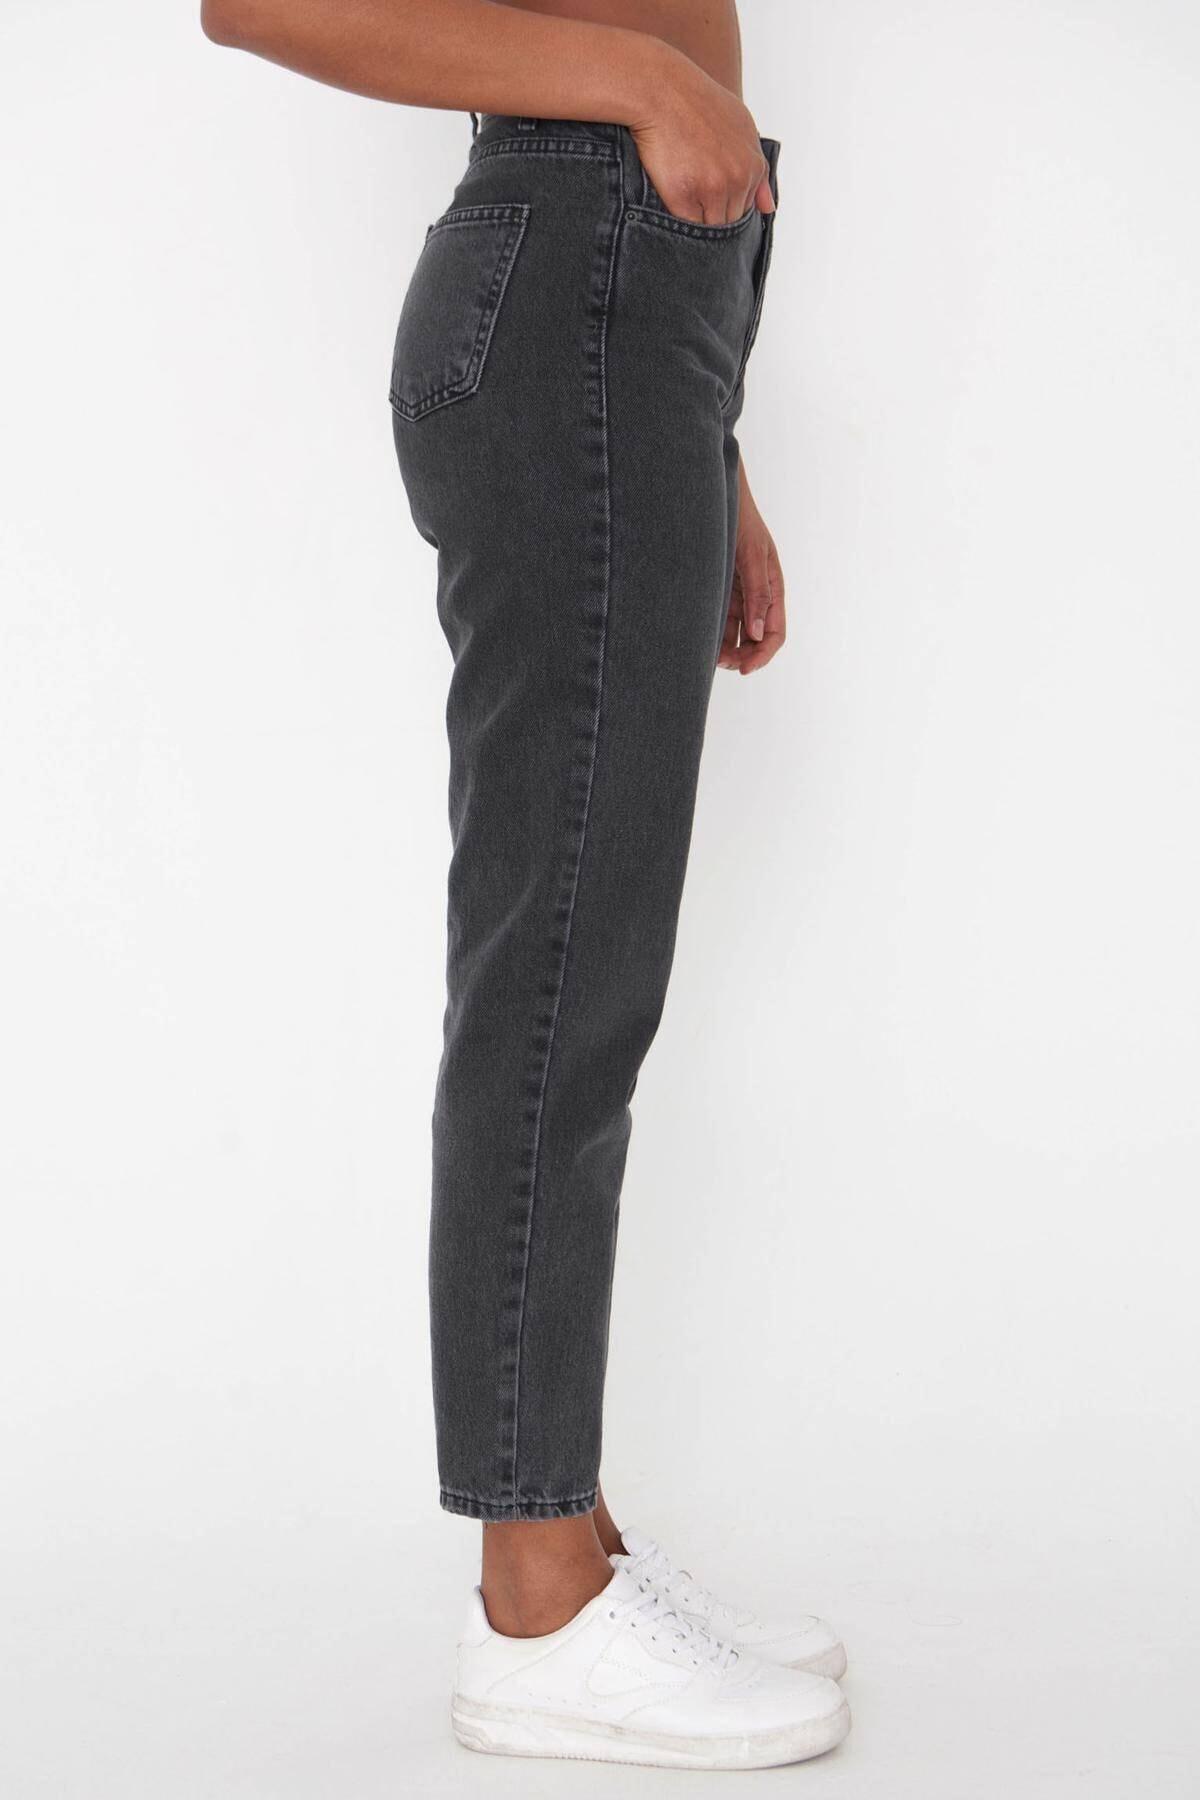 Addax Kadın Antrasit Yüksek Bel Jean Pantolon Pn7080 Adx-0000023683 2